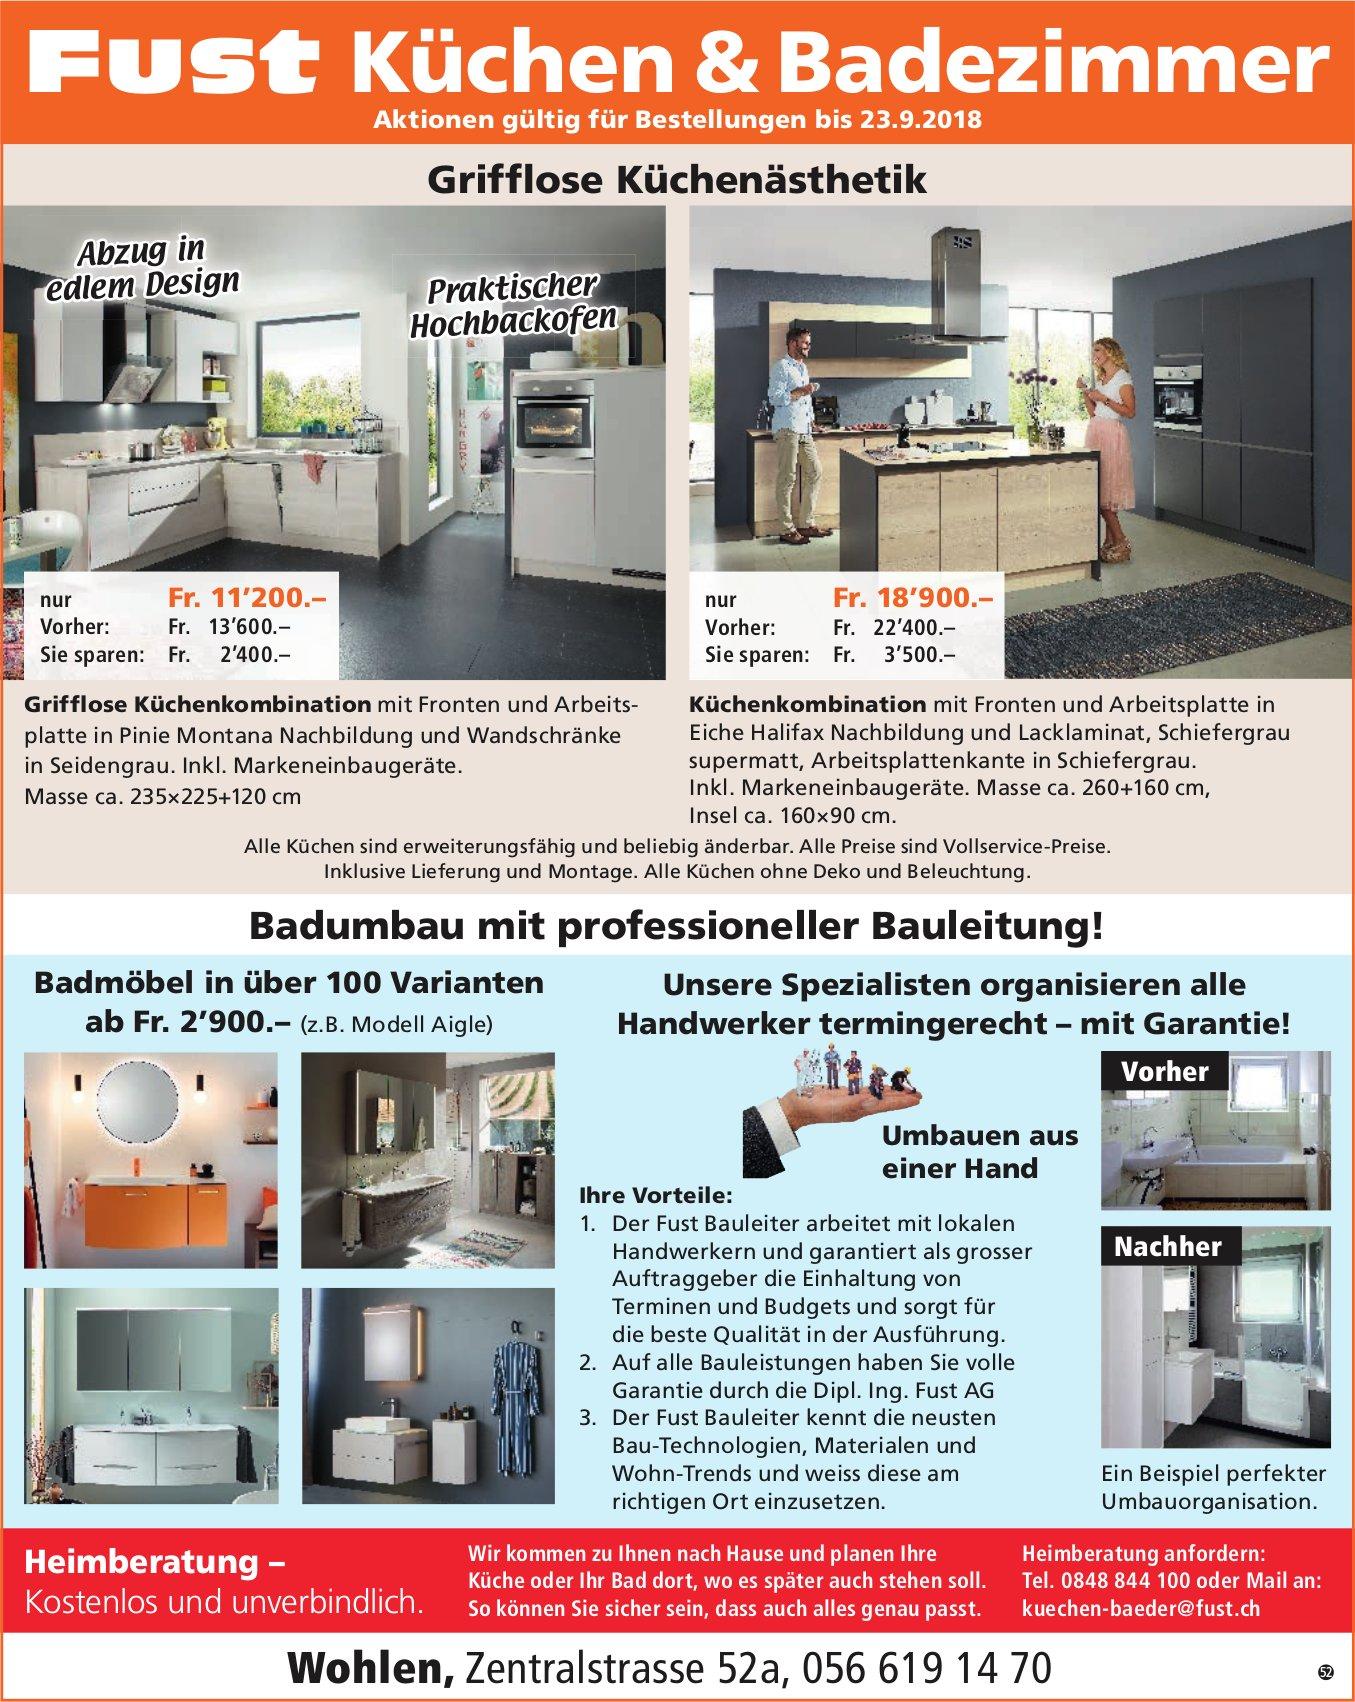 Fust Küchen & Badezimmer